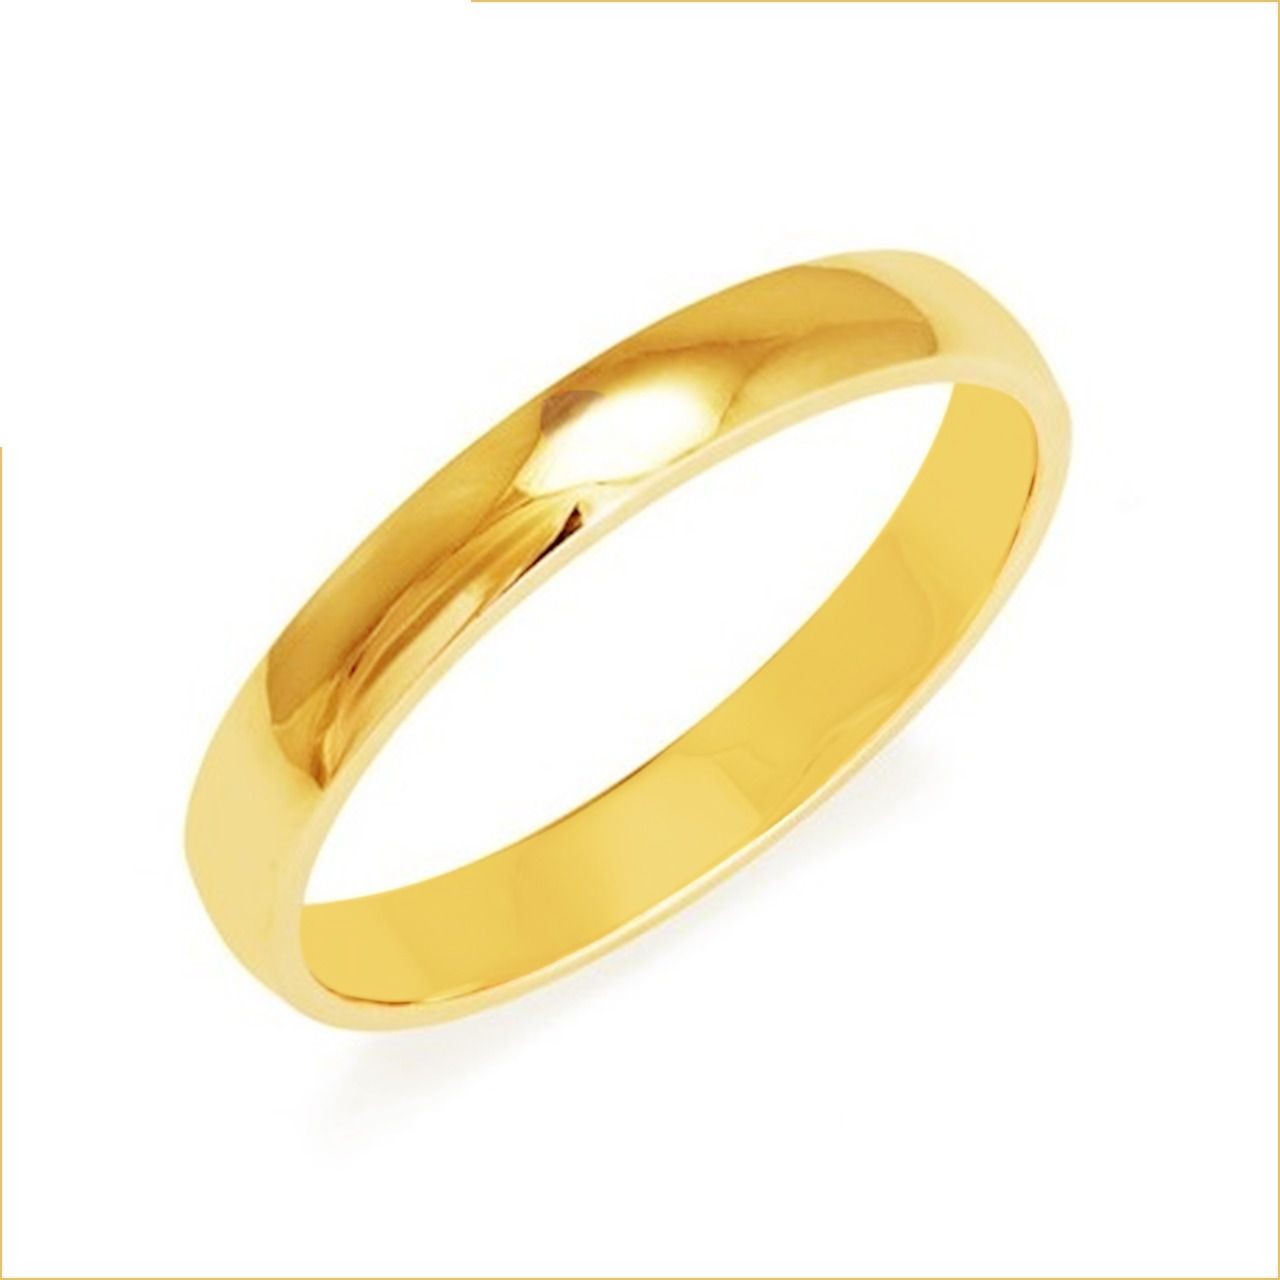 Aliança de Prata com banho de Ouro, Fina e Abaulada